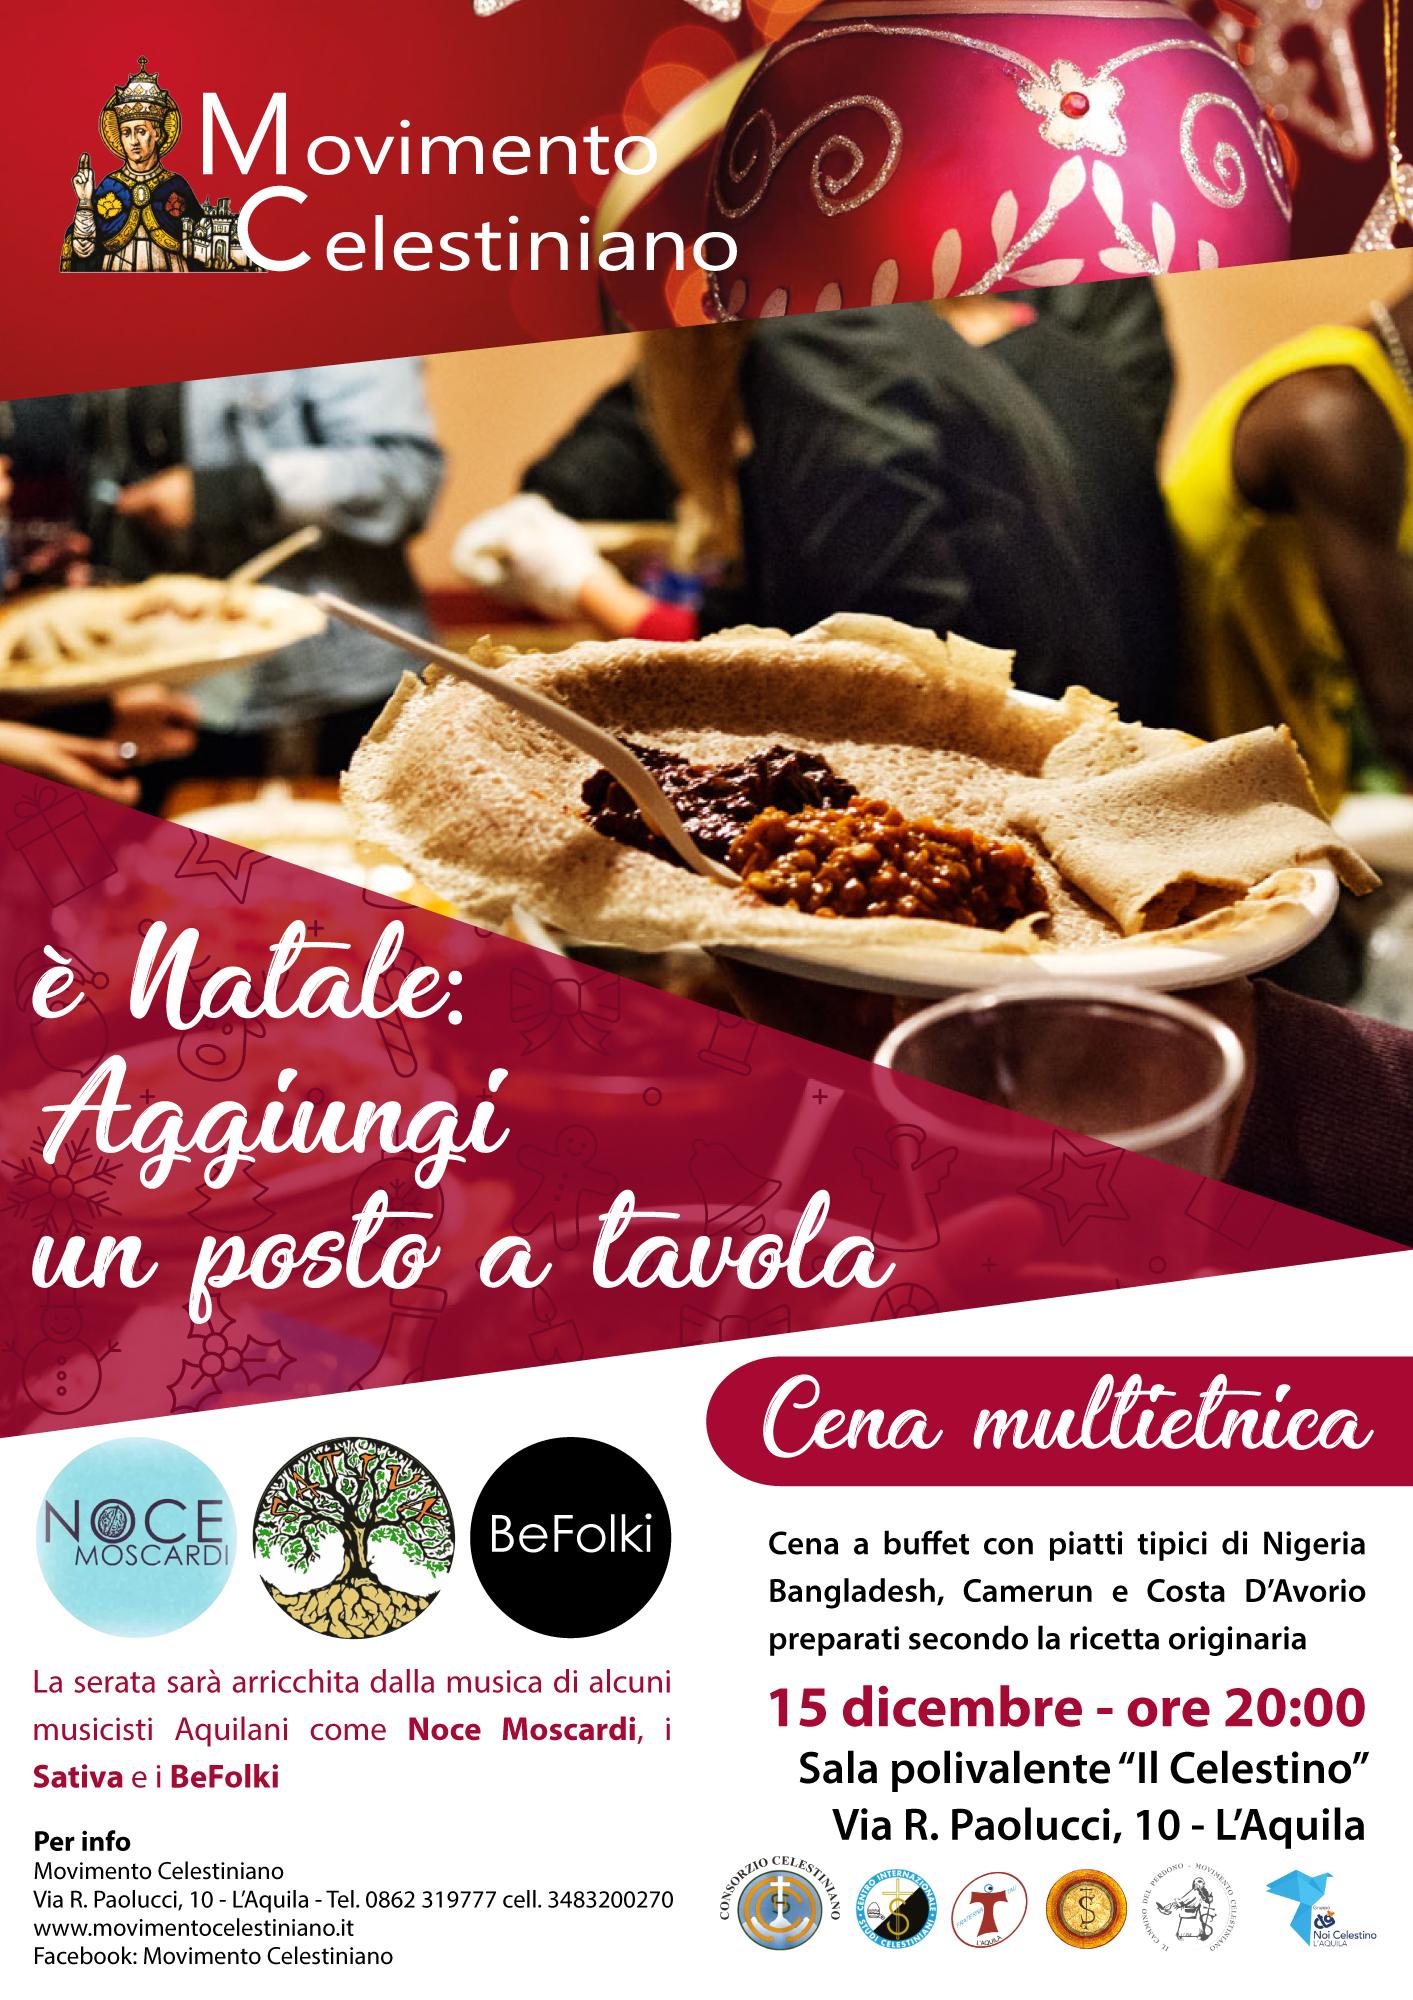 E natale aggiungi un posto a tavola cena multietnica movimento celestiniano l aquila - Aggiungi un posto a tavola 12 ottobre ...